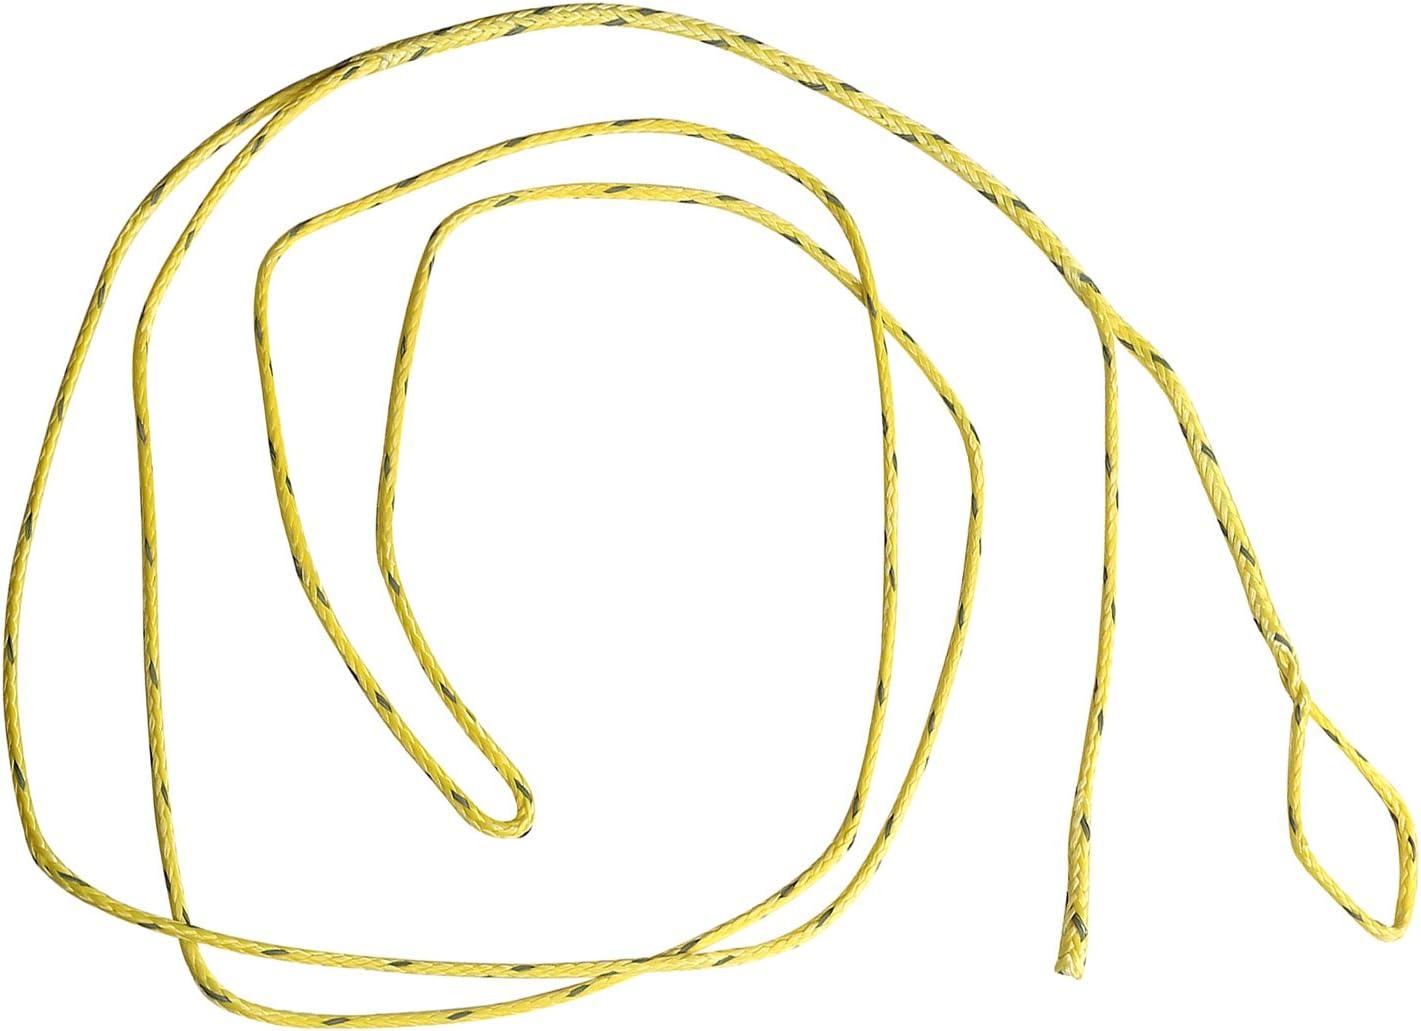 Upline UHMWPE Hamaca Whoopie eslingas Juego de 2/Cuerdas de Camping Ajustable